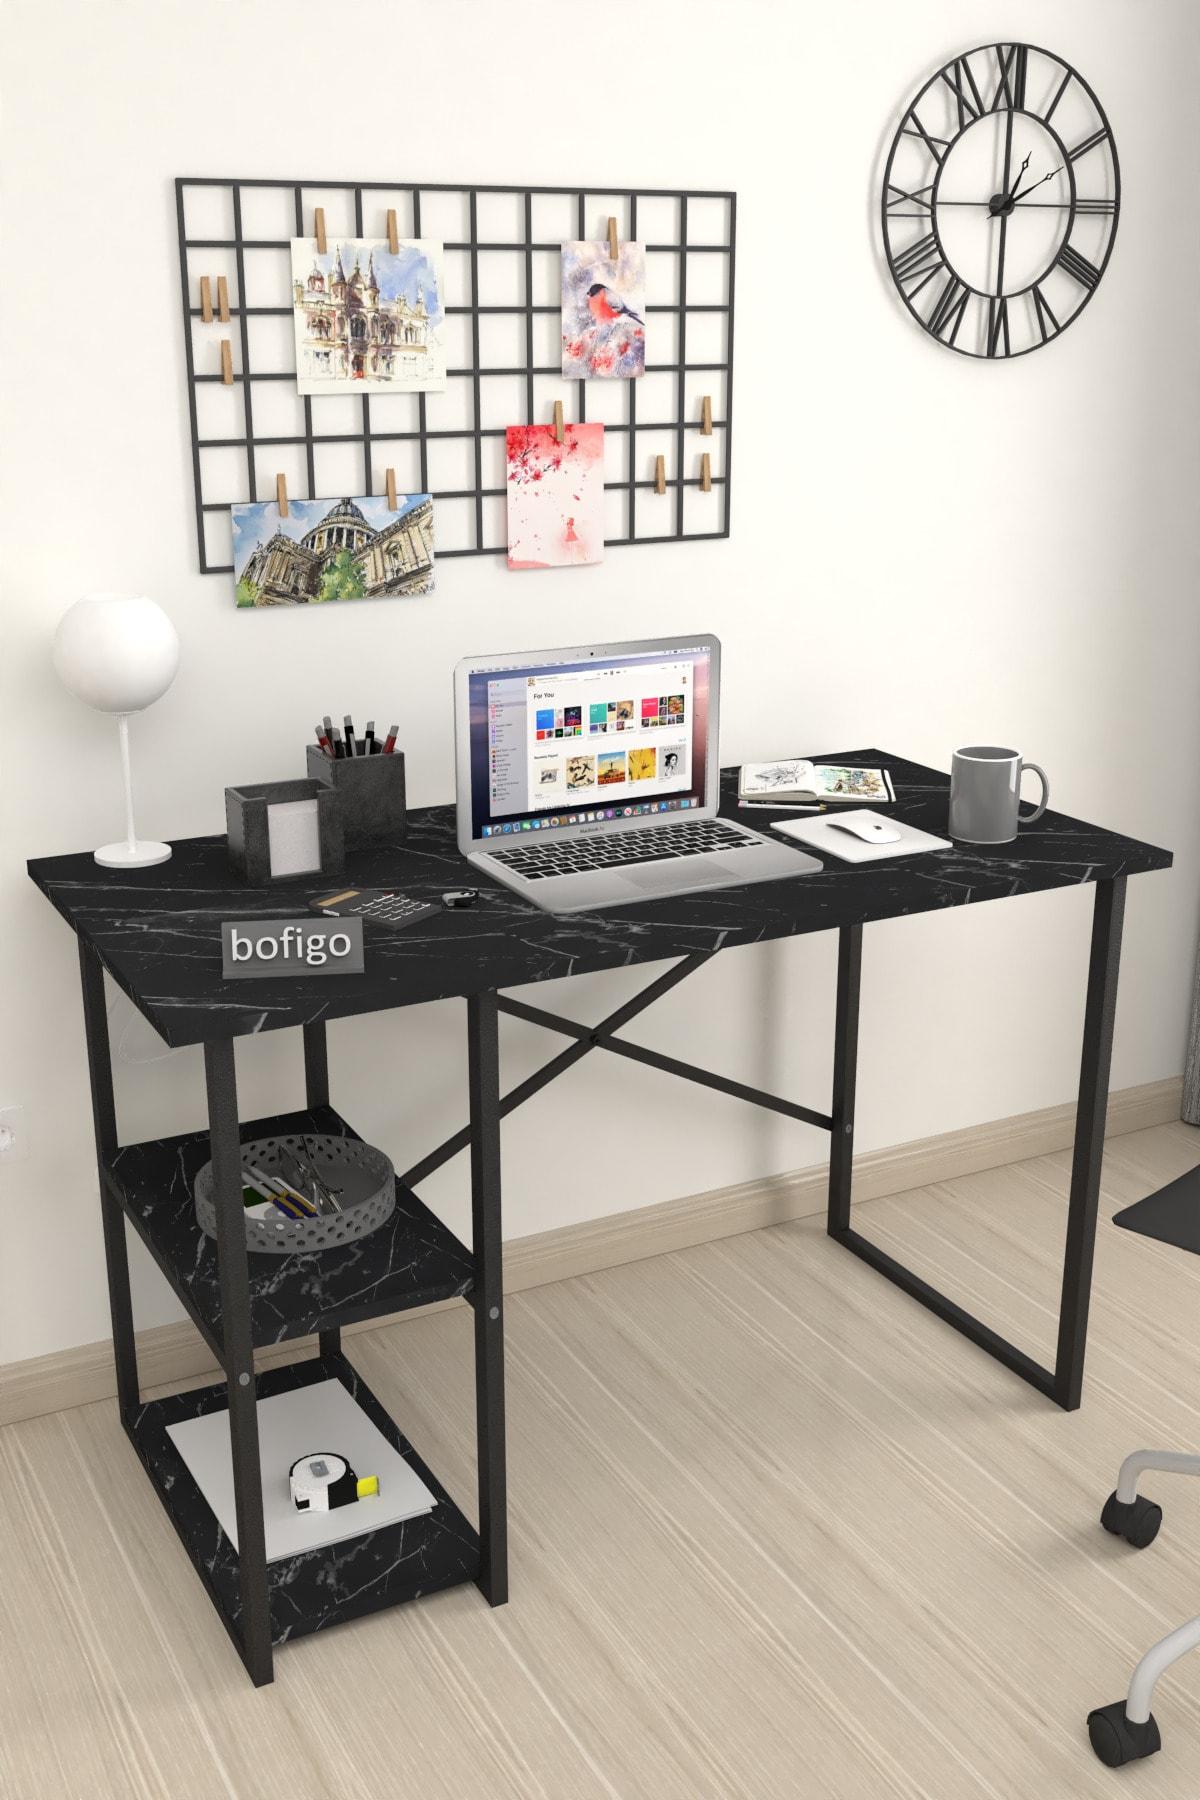 Bofigo 60x120 Cm 2 Raflı Çalışma Masası Bilgisayar Masası Ofis Ders Yemek Masası Bendir 2